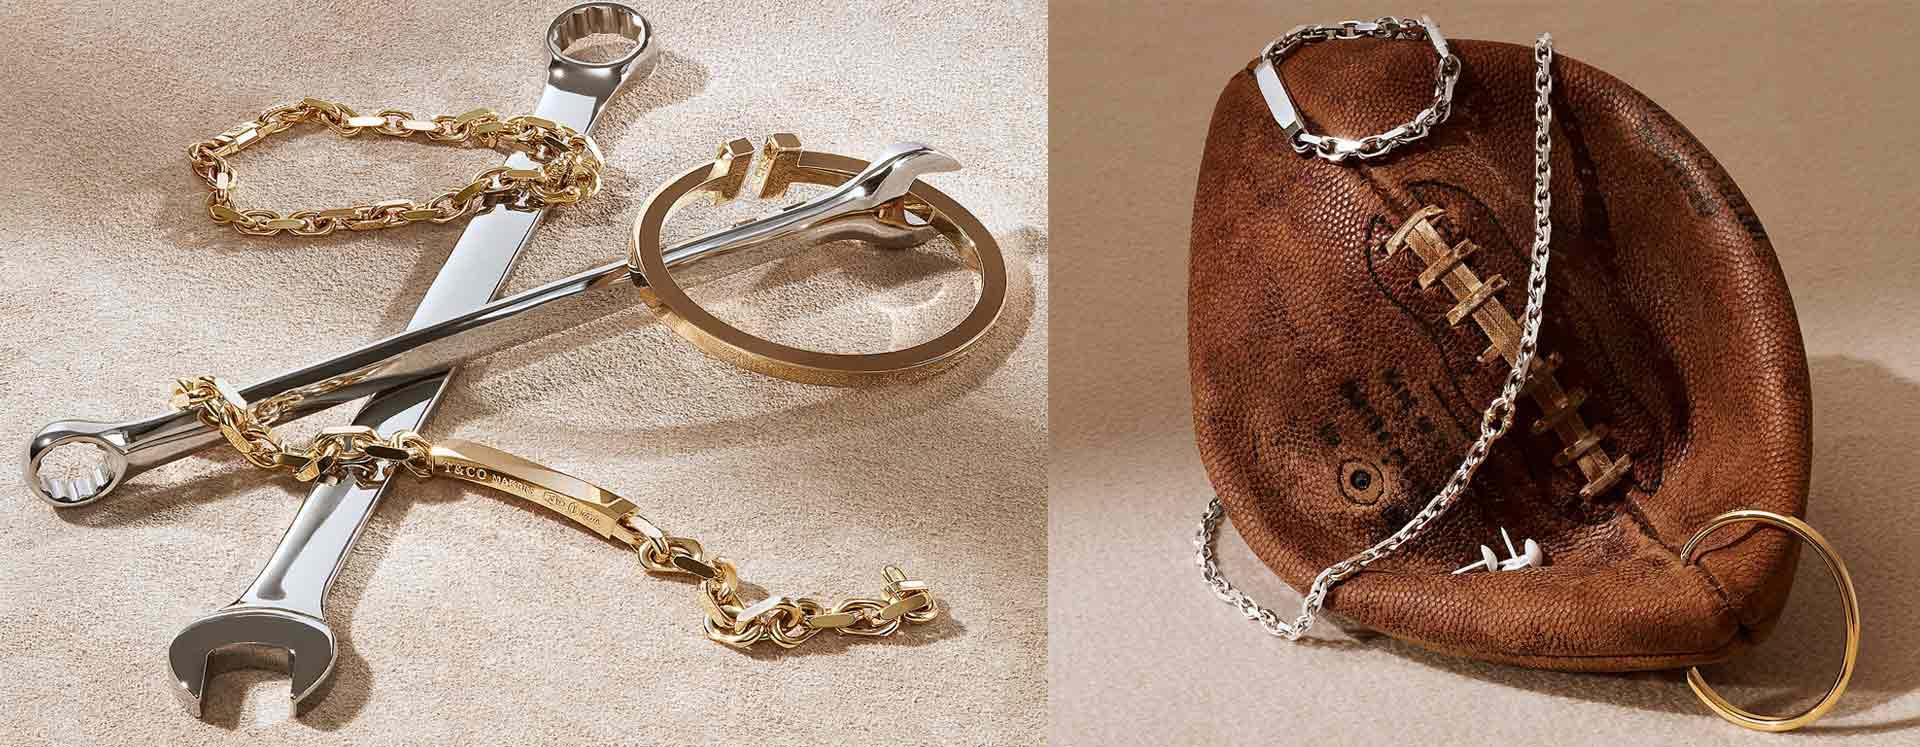 men's jewellery99 - برندهای لوکسی که موجب رونق جواهرات مردانه شده اند